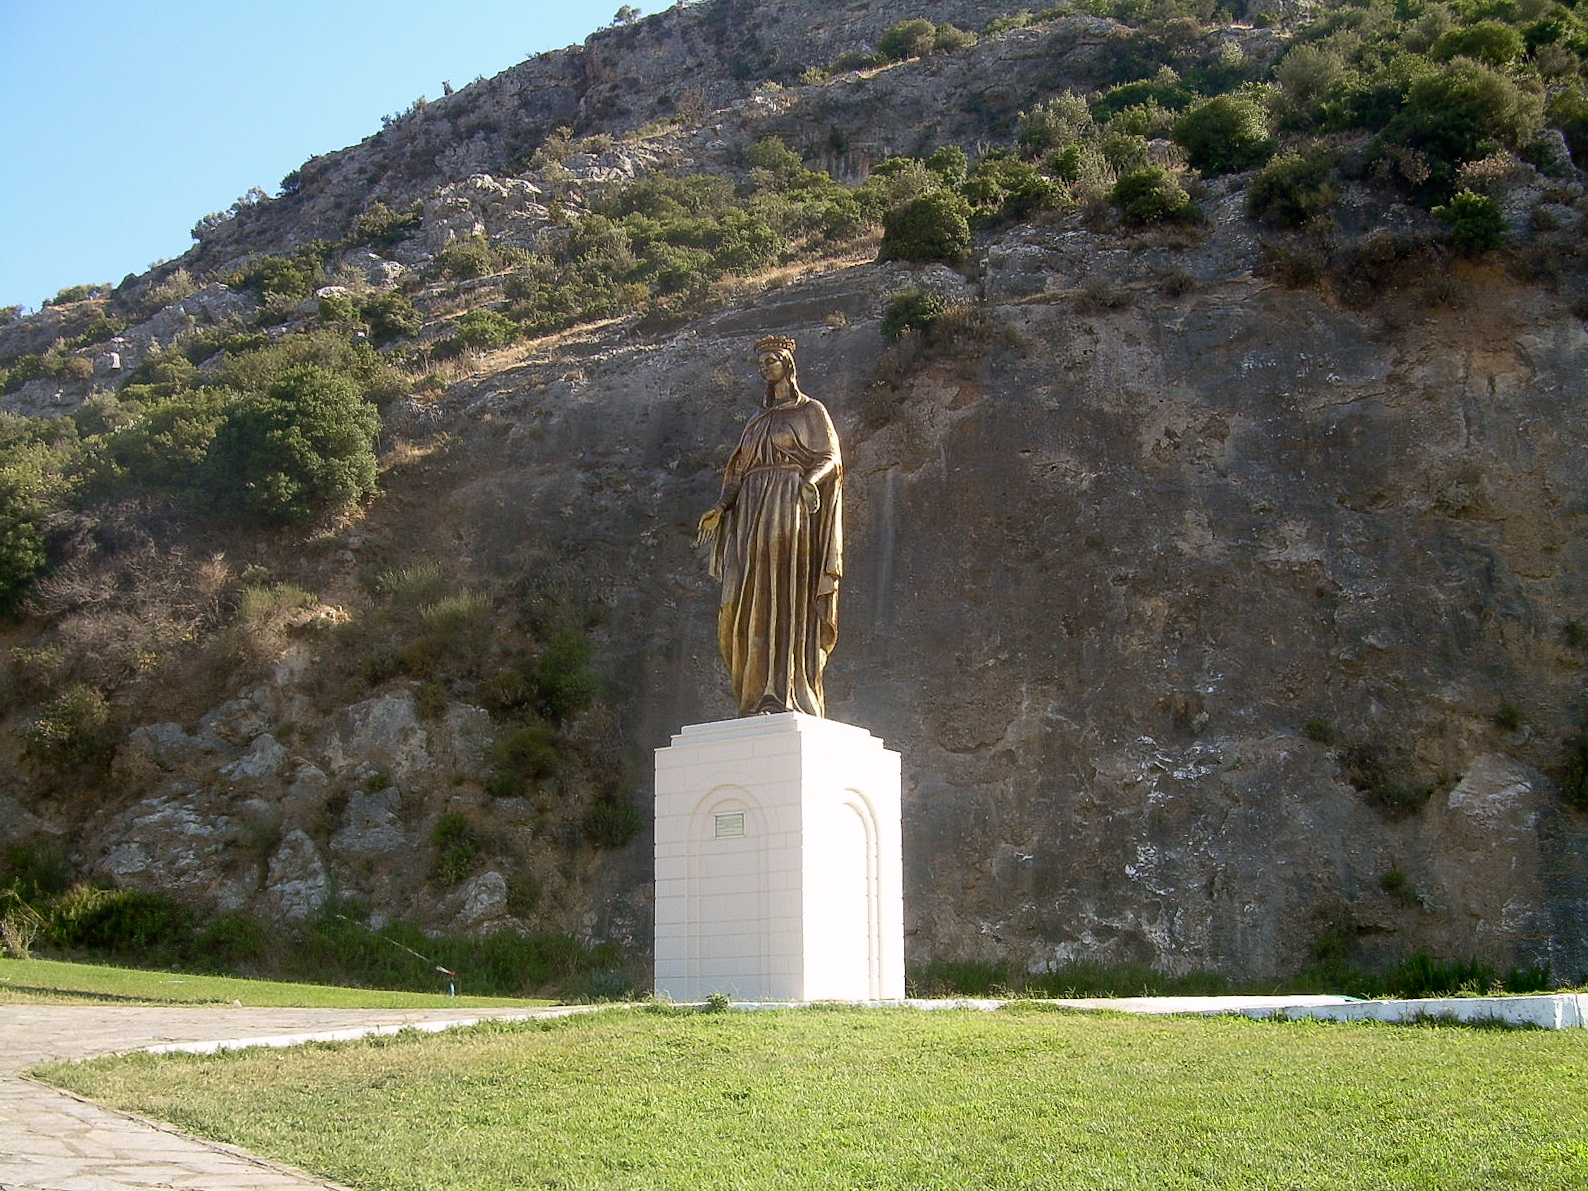 File:Meryemana statue.jpg - Wikimedia Commons